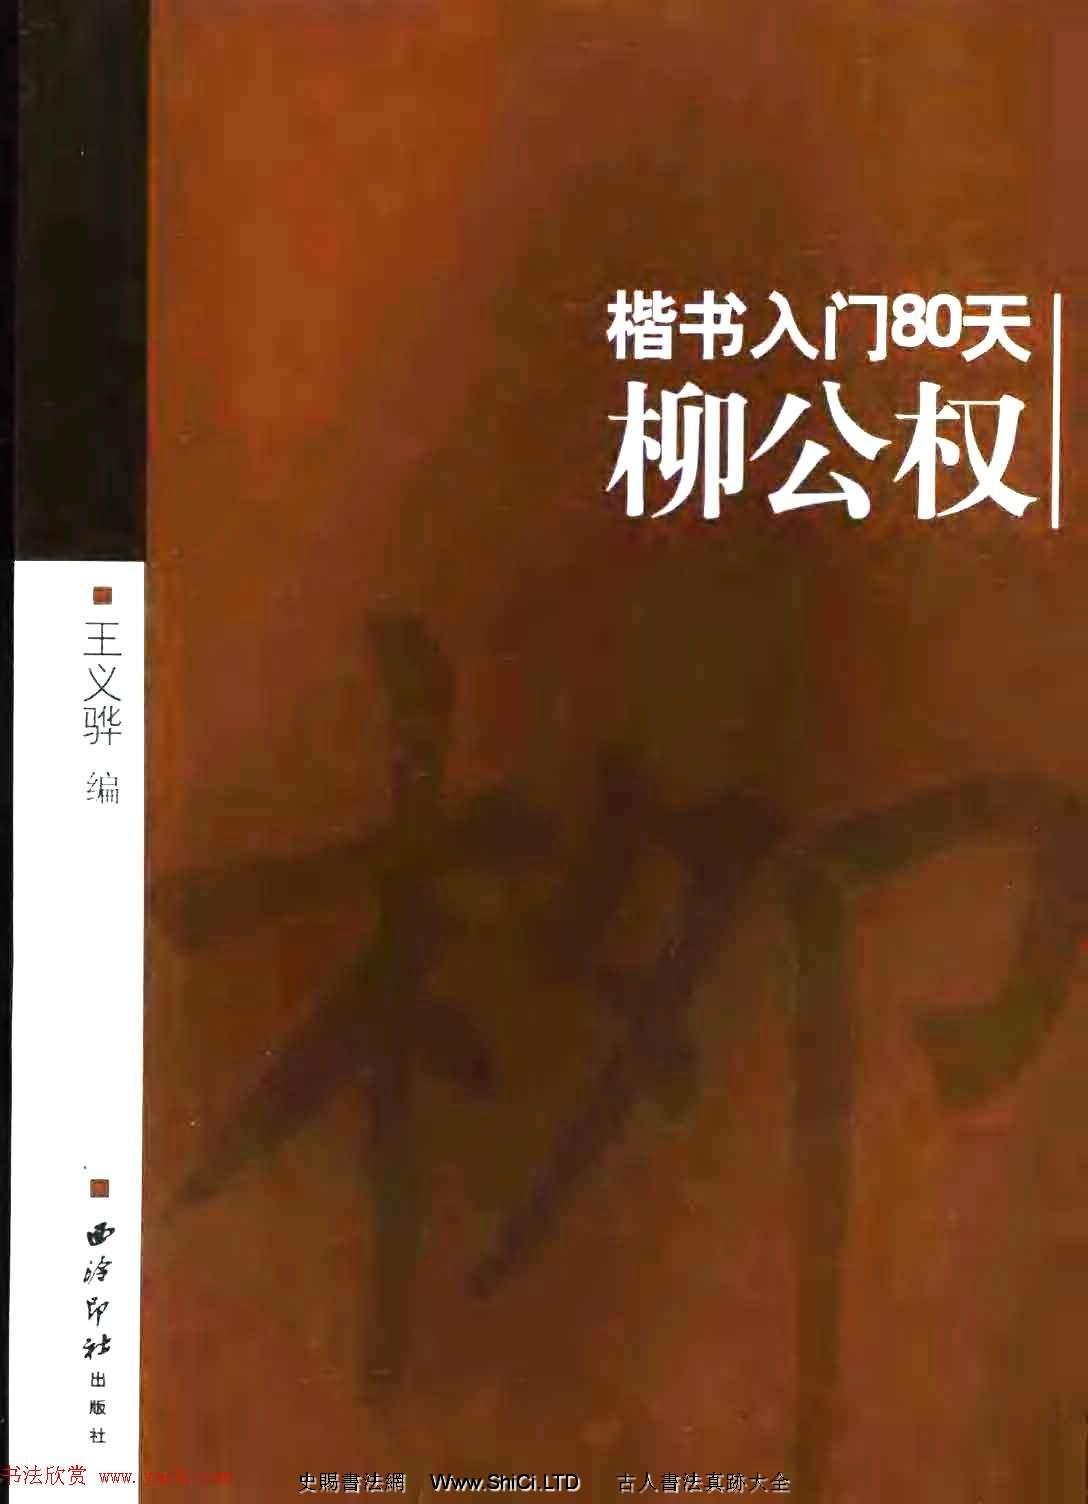 書法教程字帖《柳公權楷書入門80天》(共81張圖片)